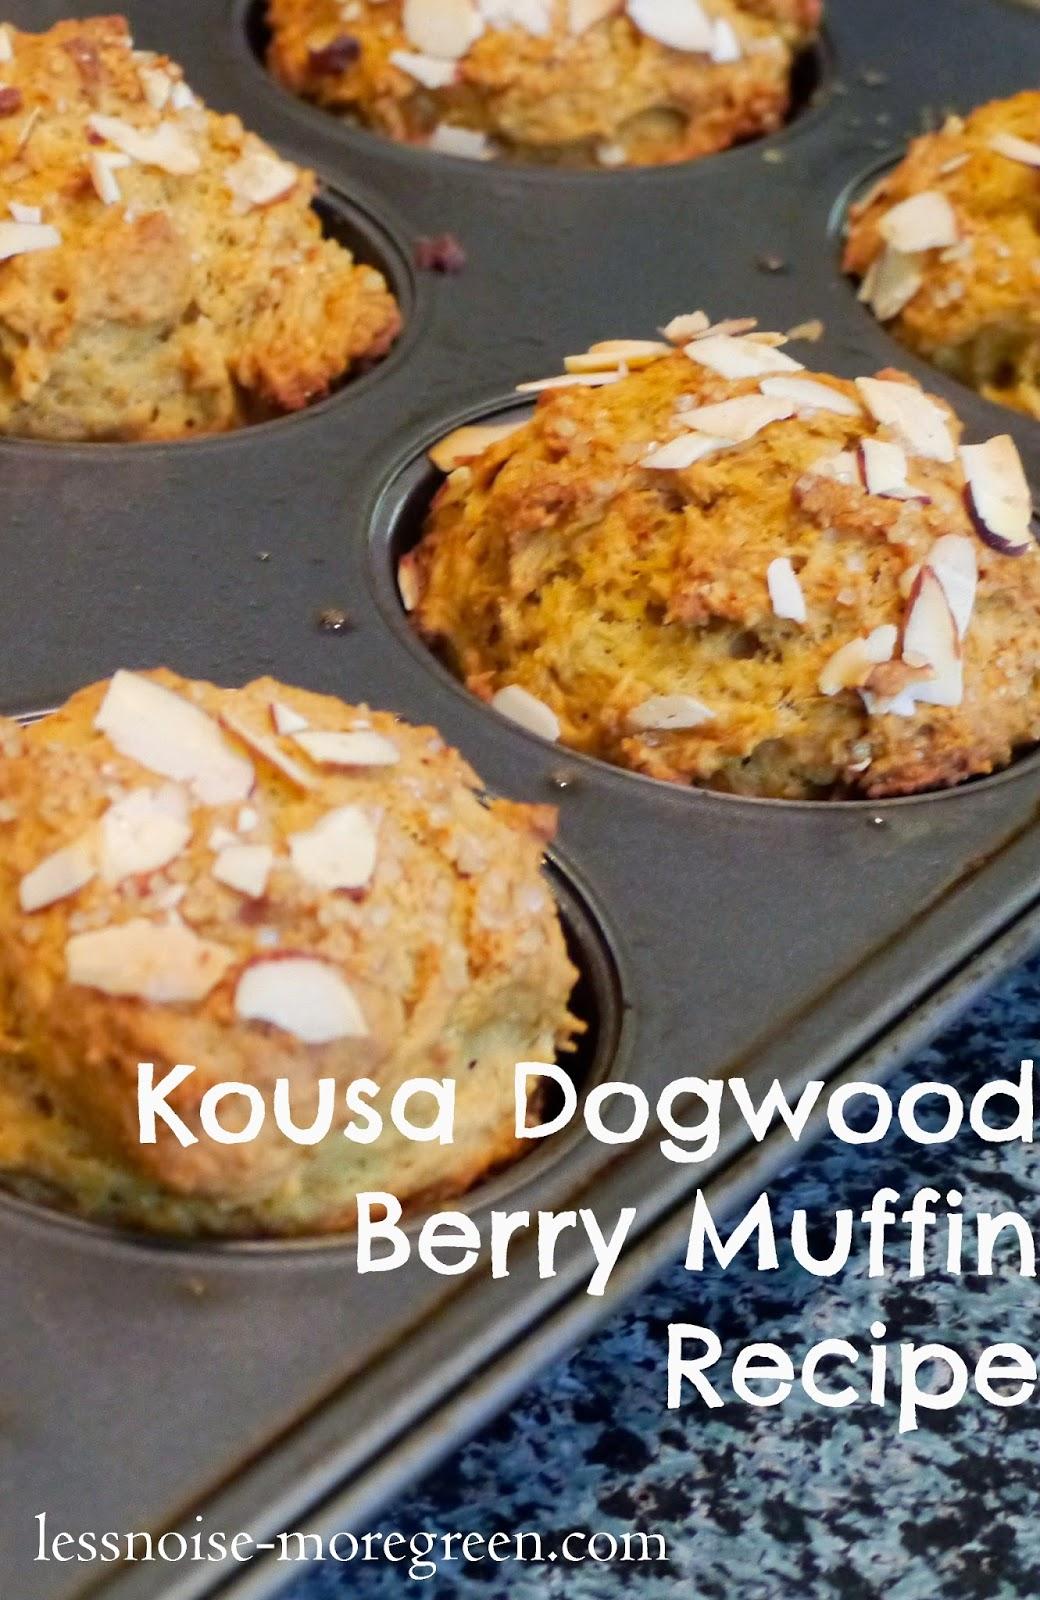 Kousa Dogwood Berry Muffin Recipe